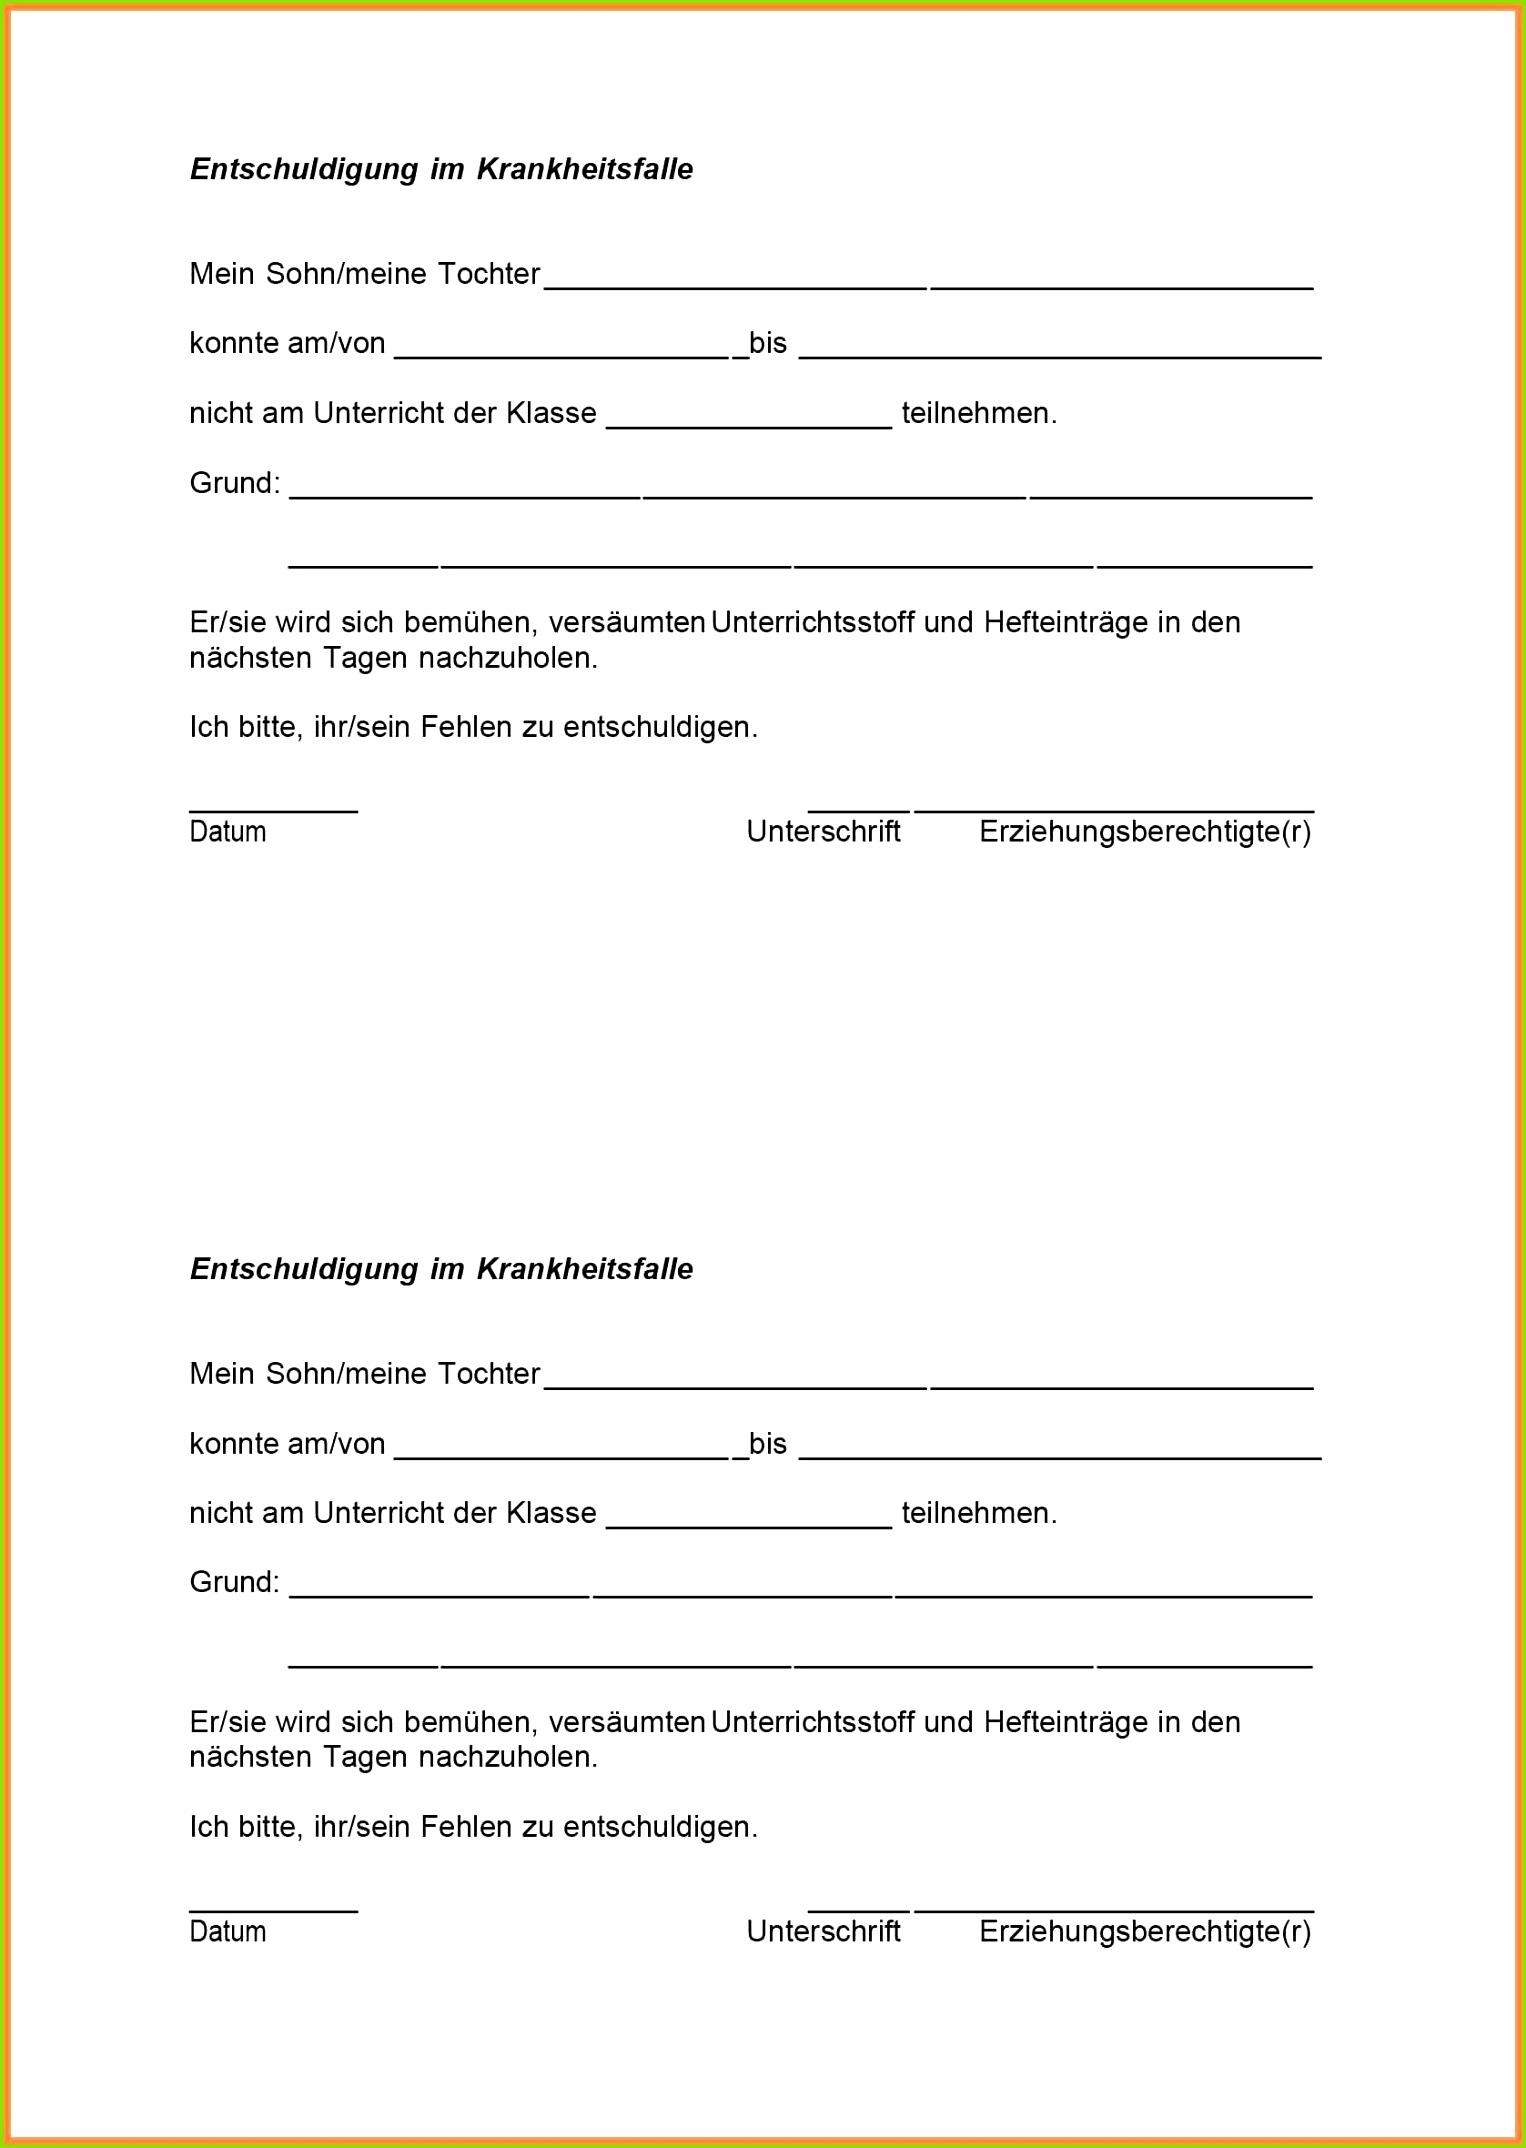 entschuldigung schule vorlage pdf 15 wie schreibt man ein wie schreibt man entschuldigung fuer schule